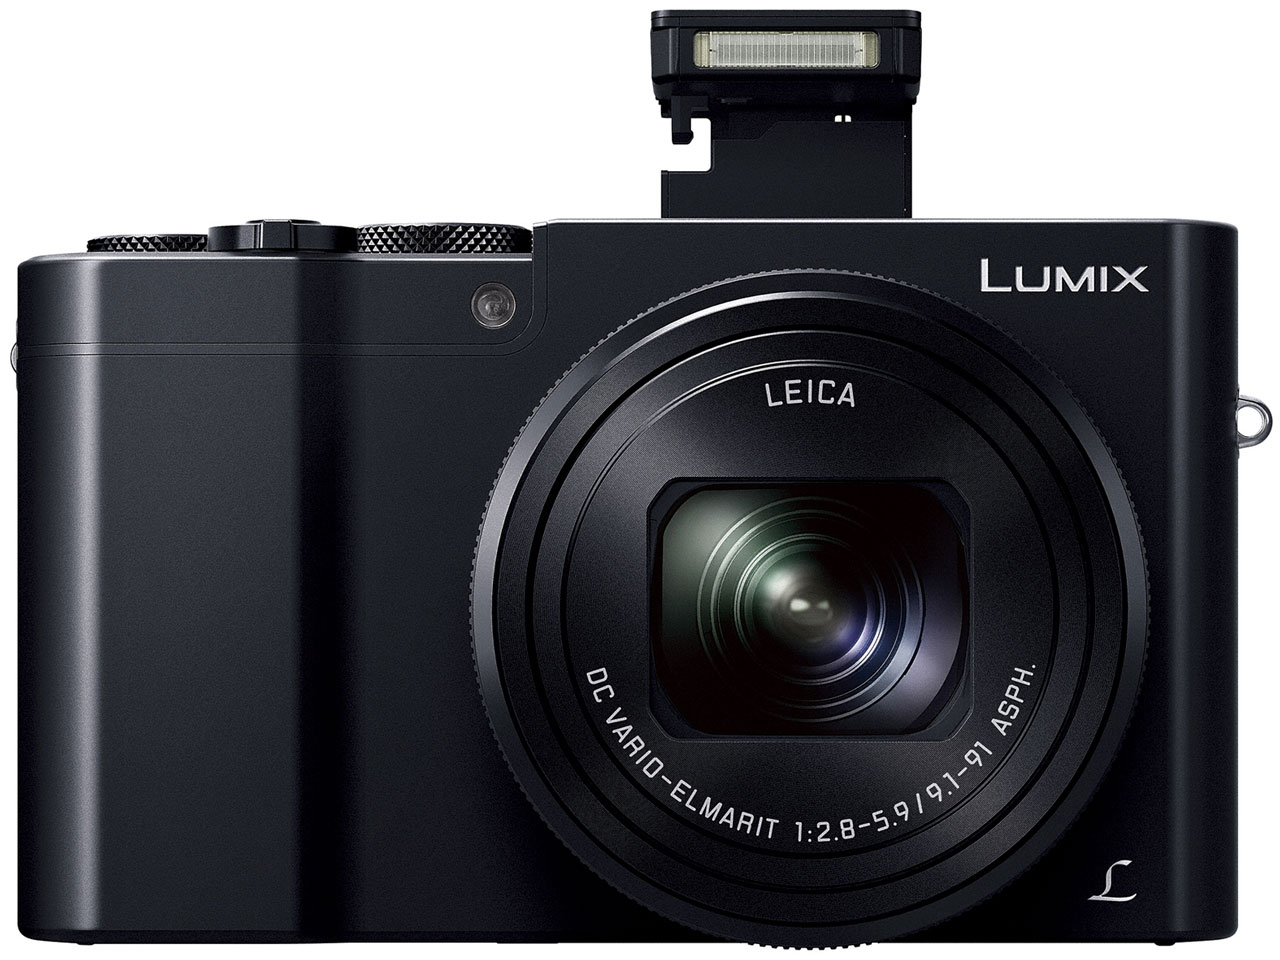 『本体 正面3』 LUMIX DMC-TX1 の製品画像